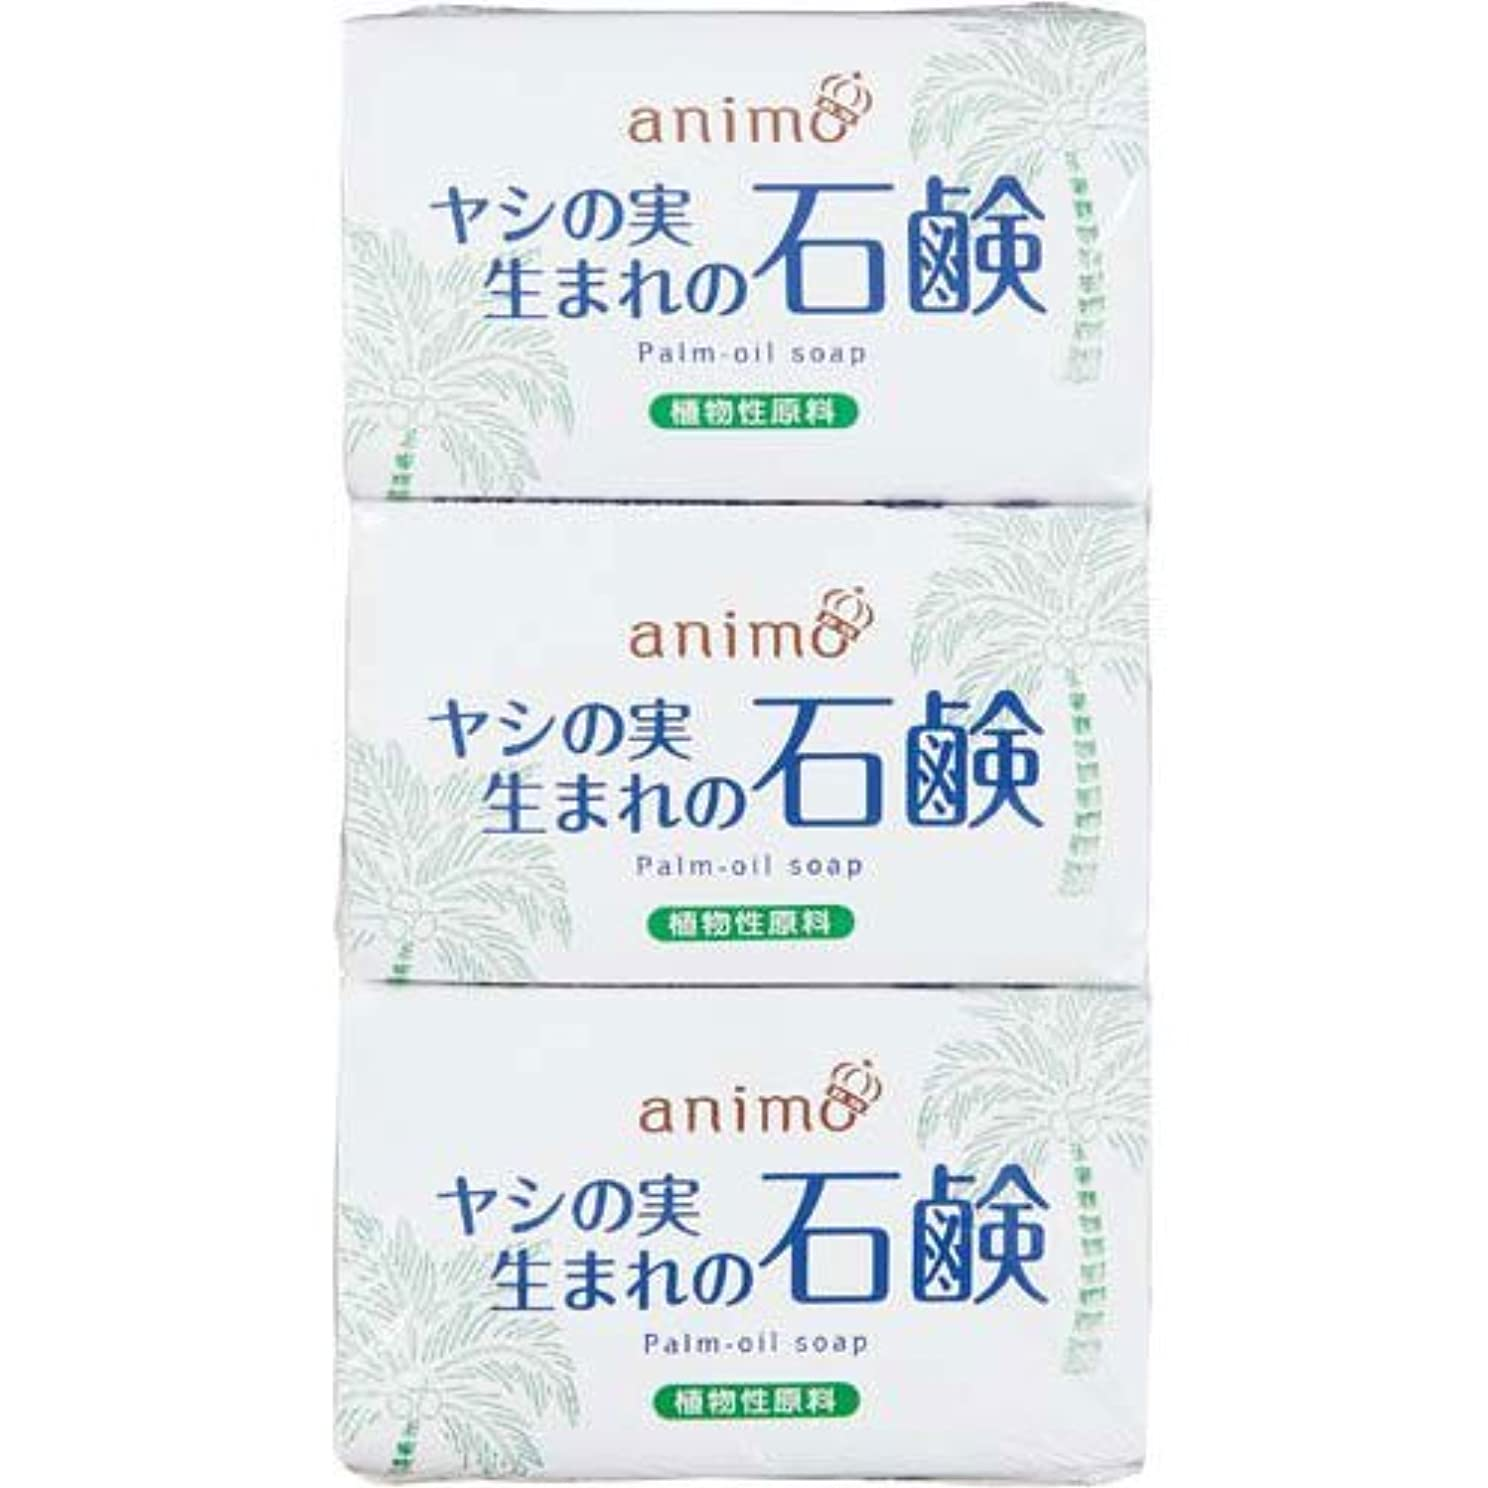 子爆弾火山学者ロケット石鹸 ヤシの実石鹸 80g×3個×10パック